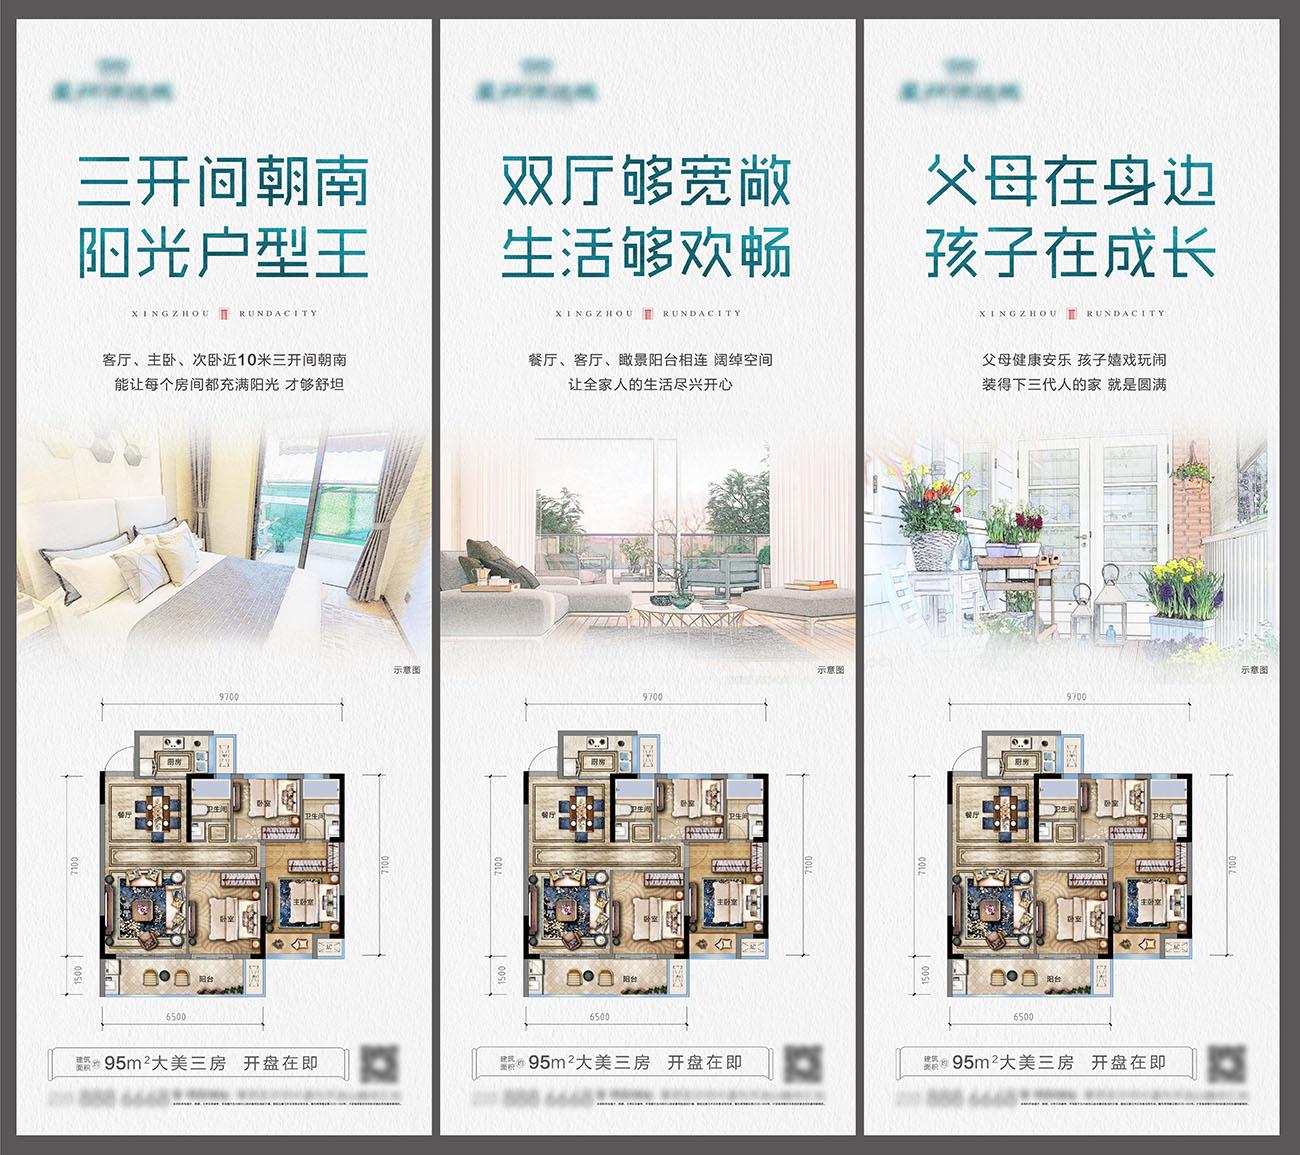 房地产户型系列刷屏海报PSD源文件插图